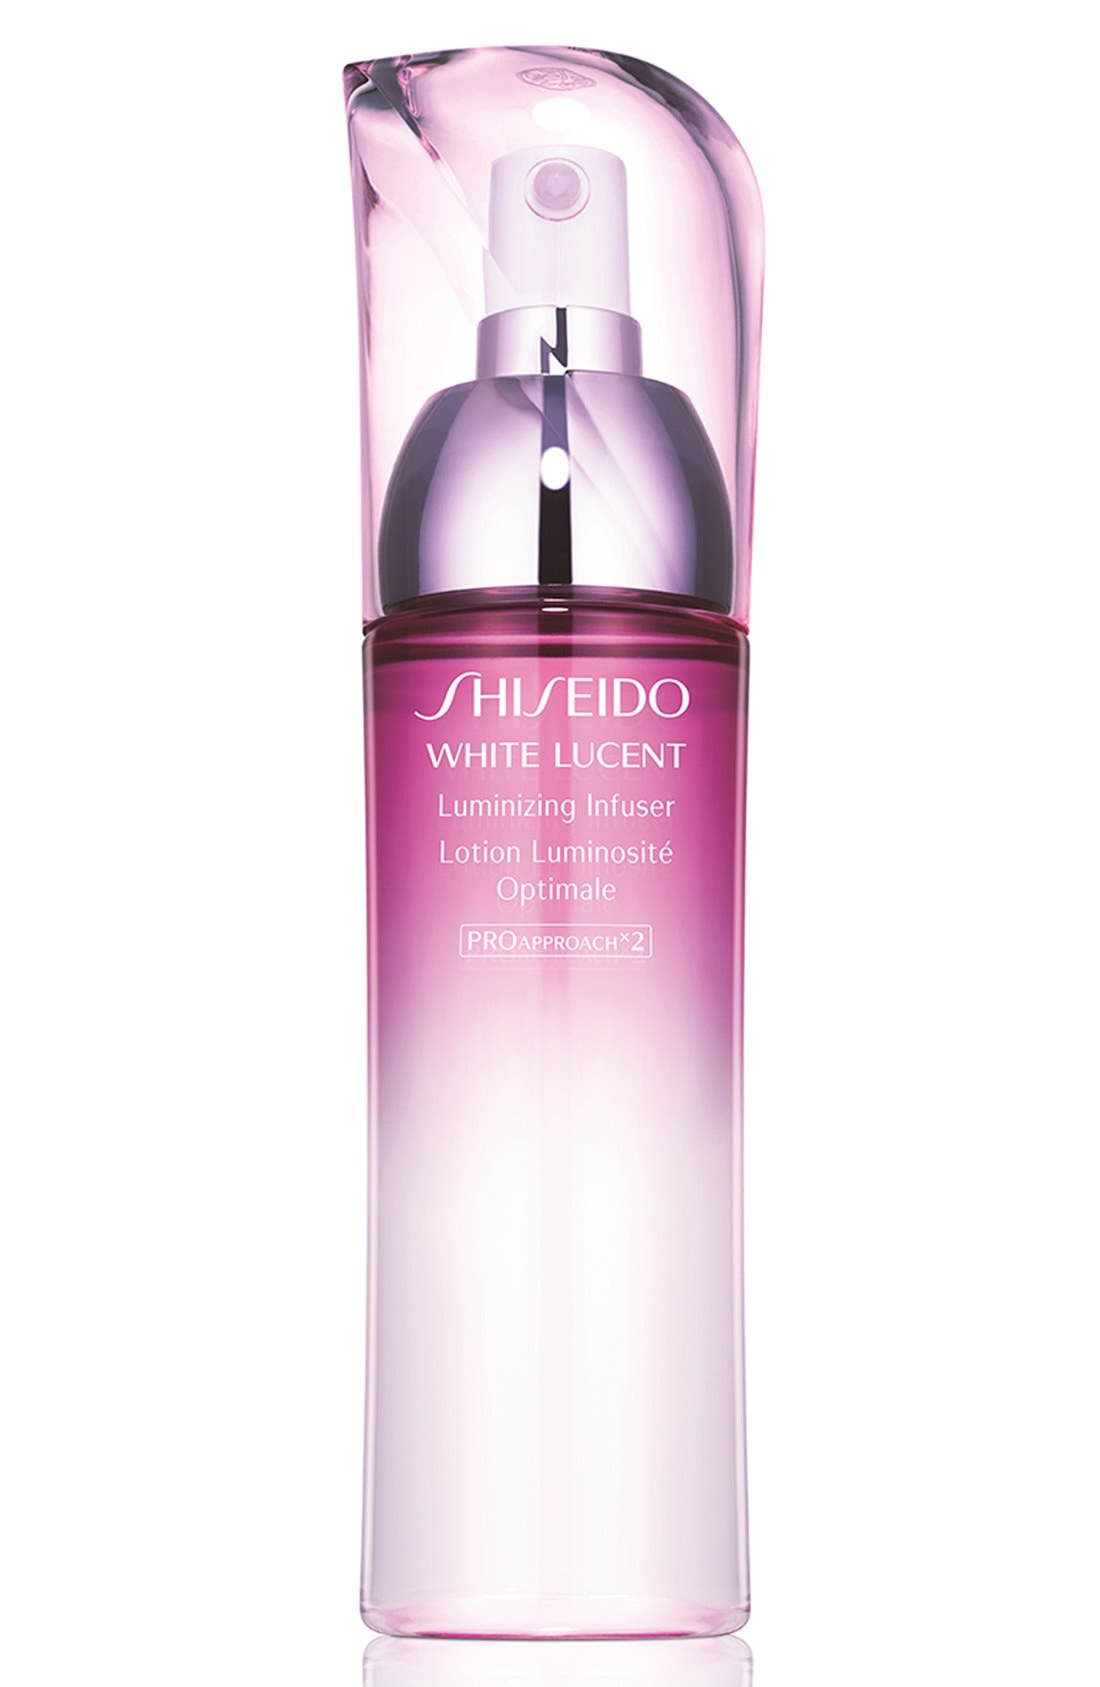 Shiseido 'White Lucent' Luminizing Infuser